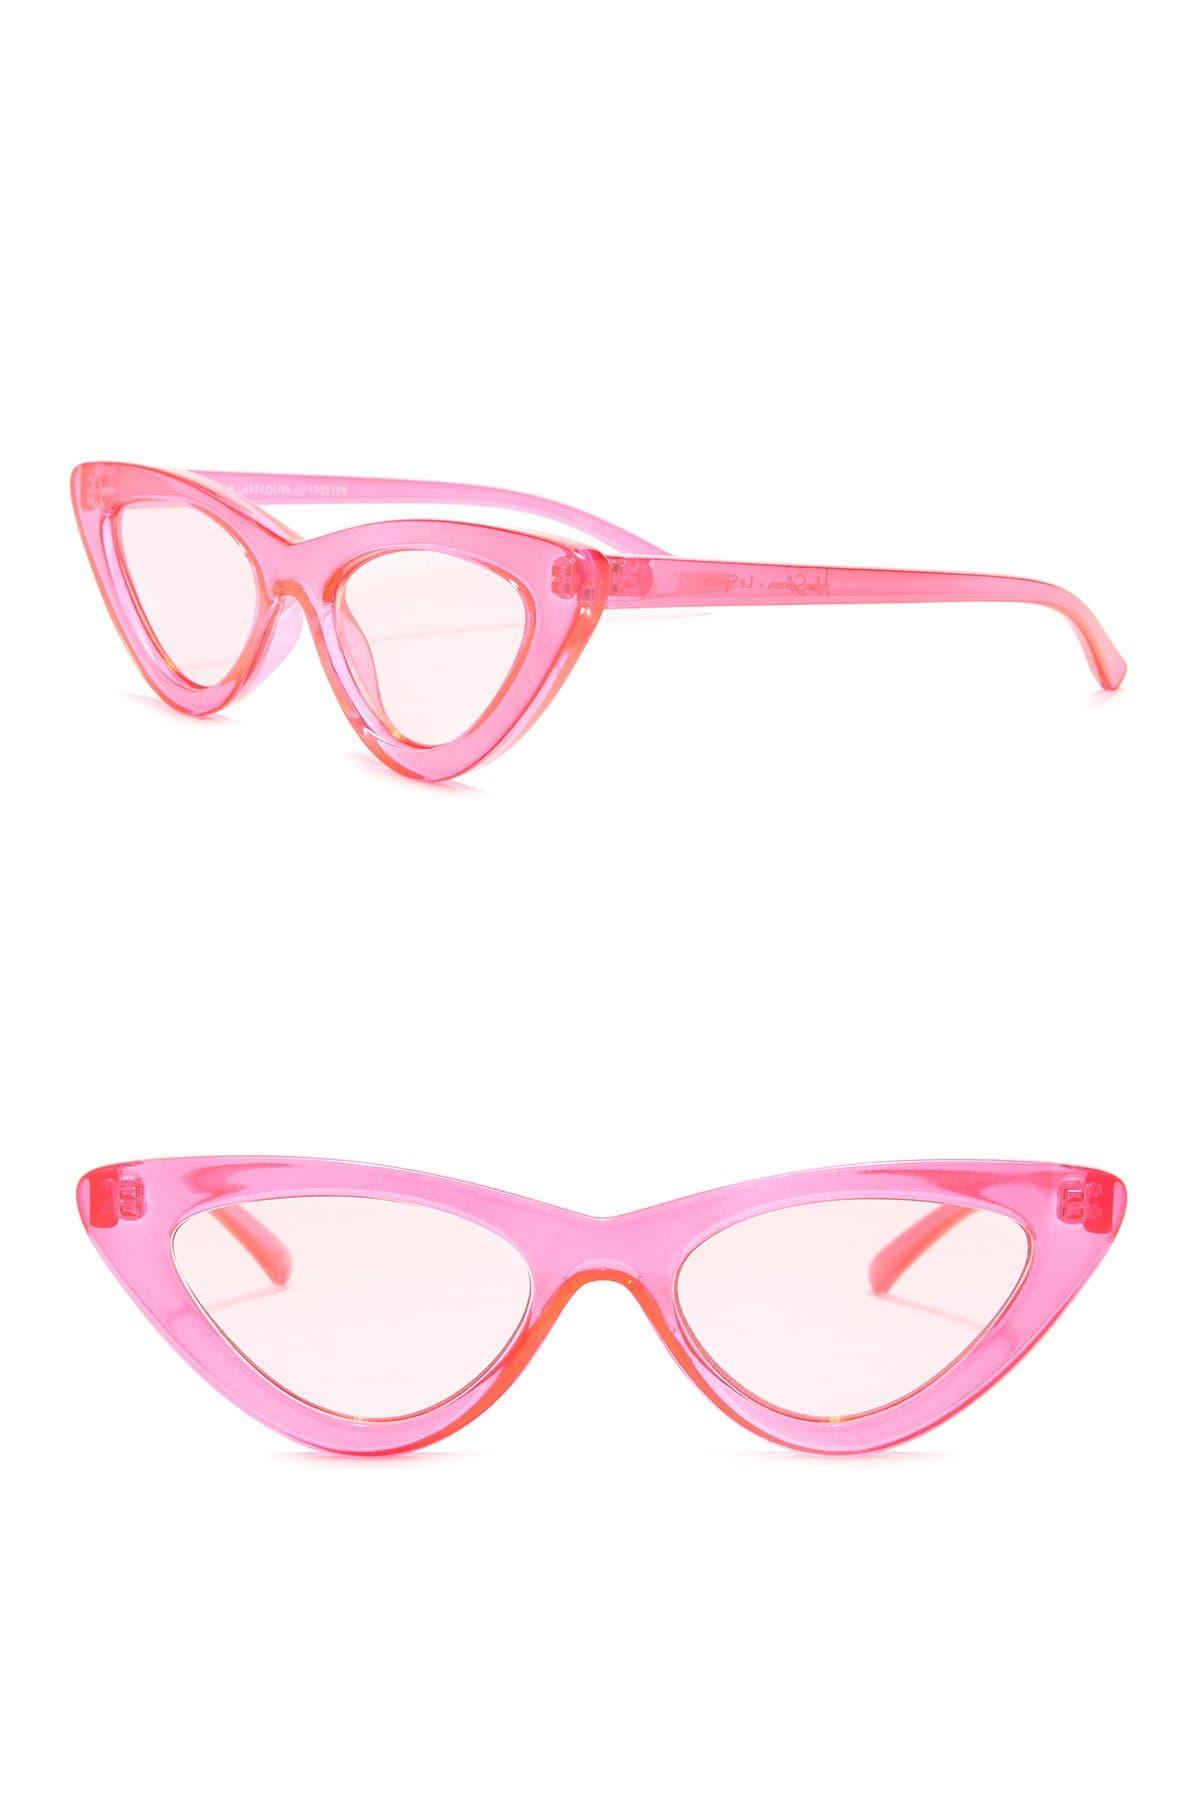 Club LA 3501 Rectangular Cat Eye French Eyeglasses